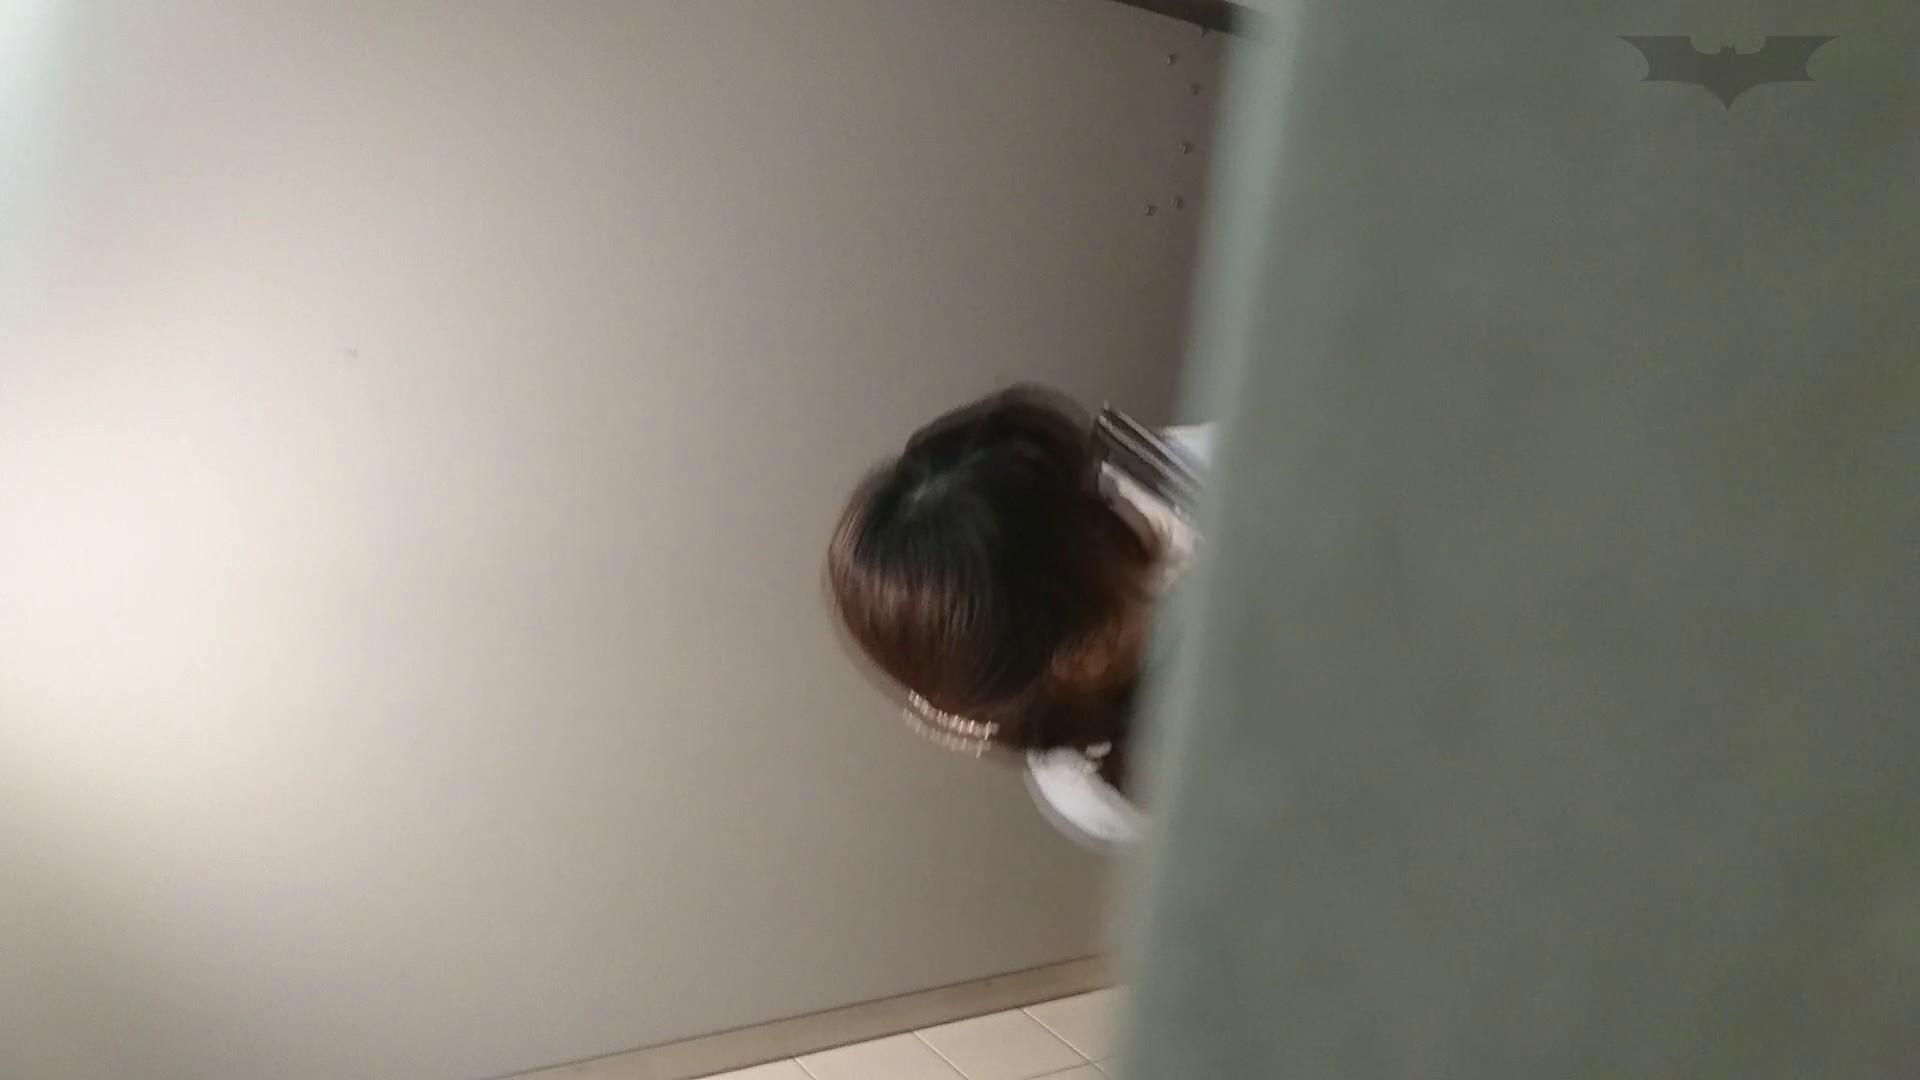 化粧室絵巻 ショッピングモール編 VOL.13 OL   0  68連発 53